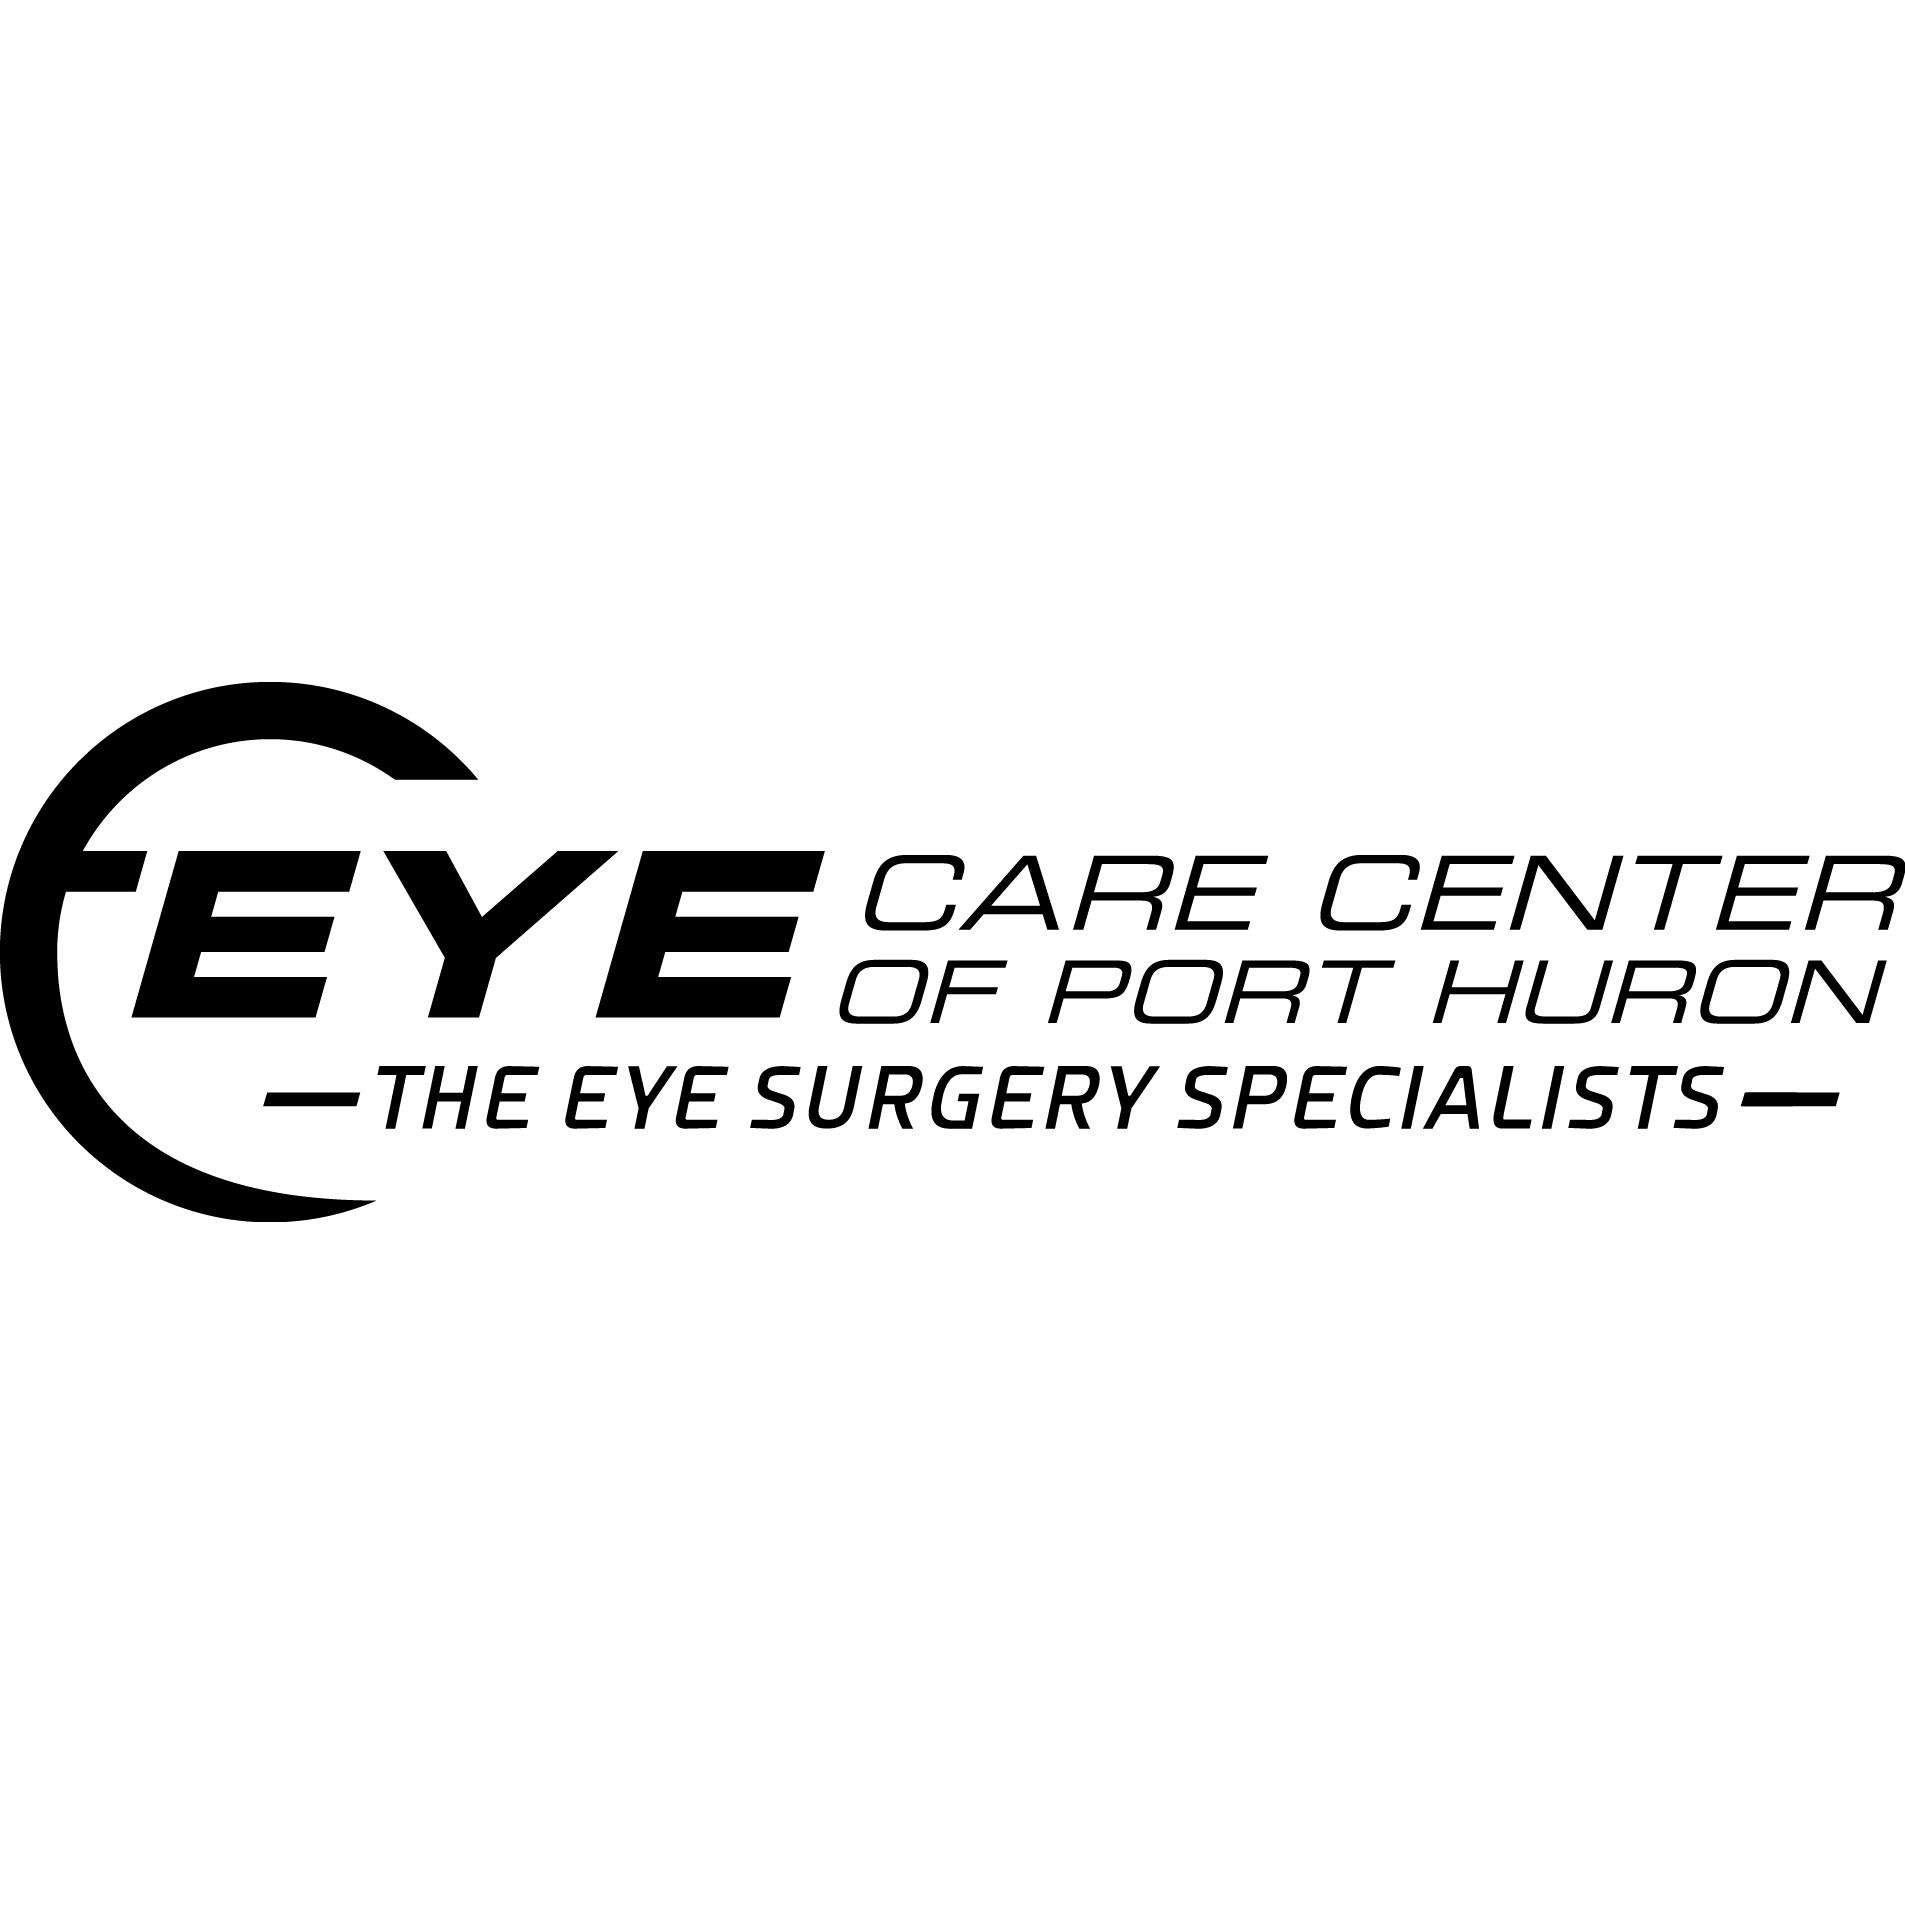 Eye Care Center of Port Huron